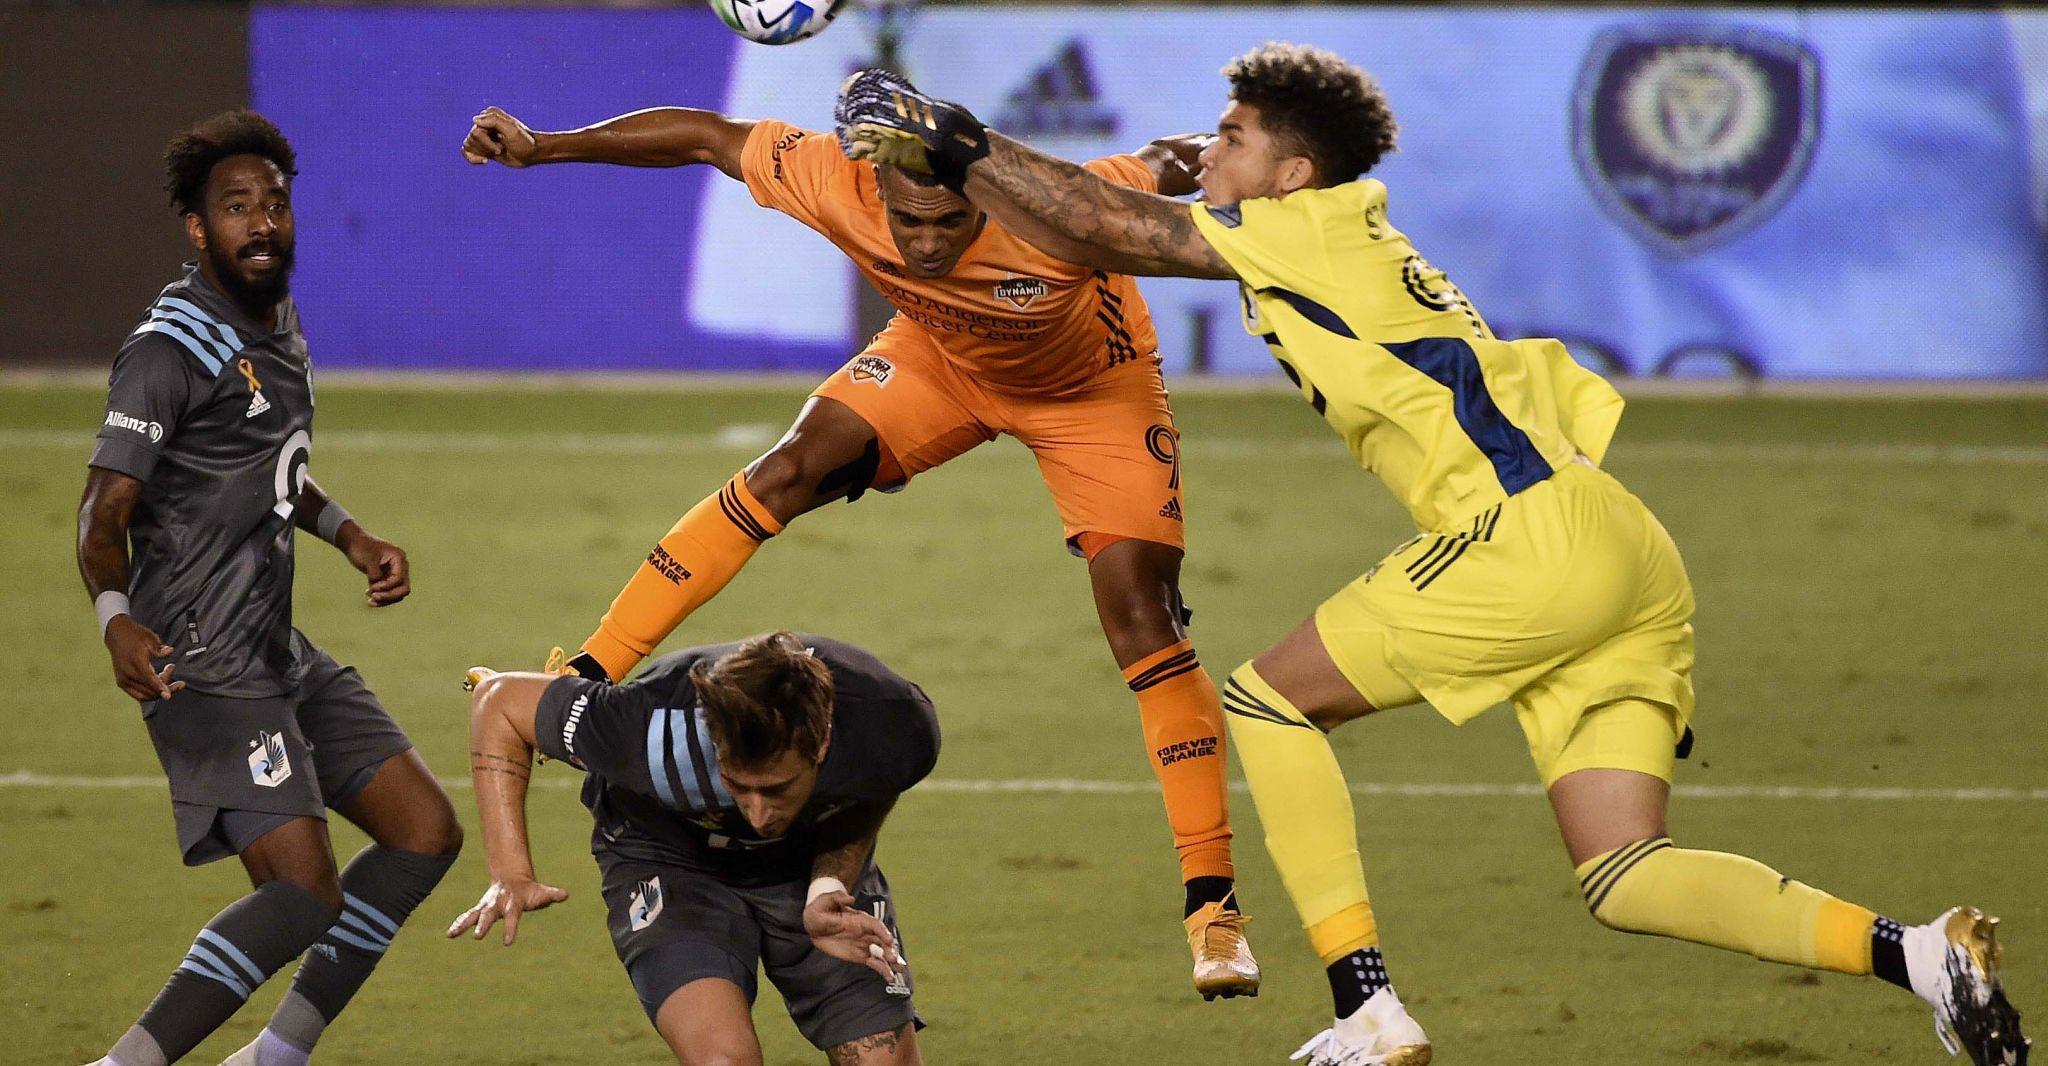 Dynamo rallies to draw with Minnesota United